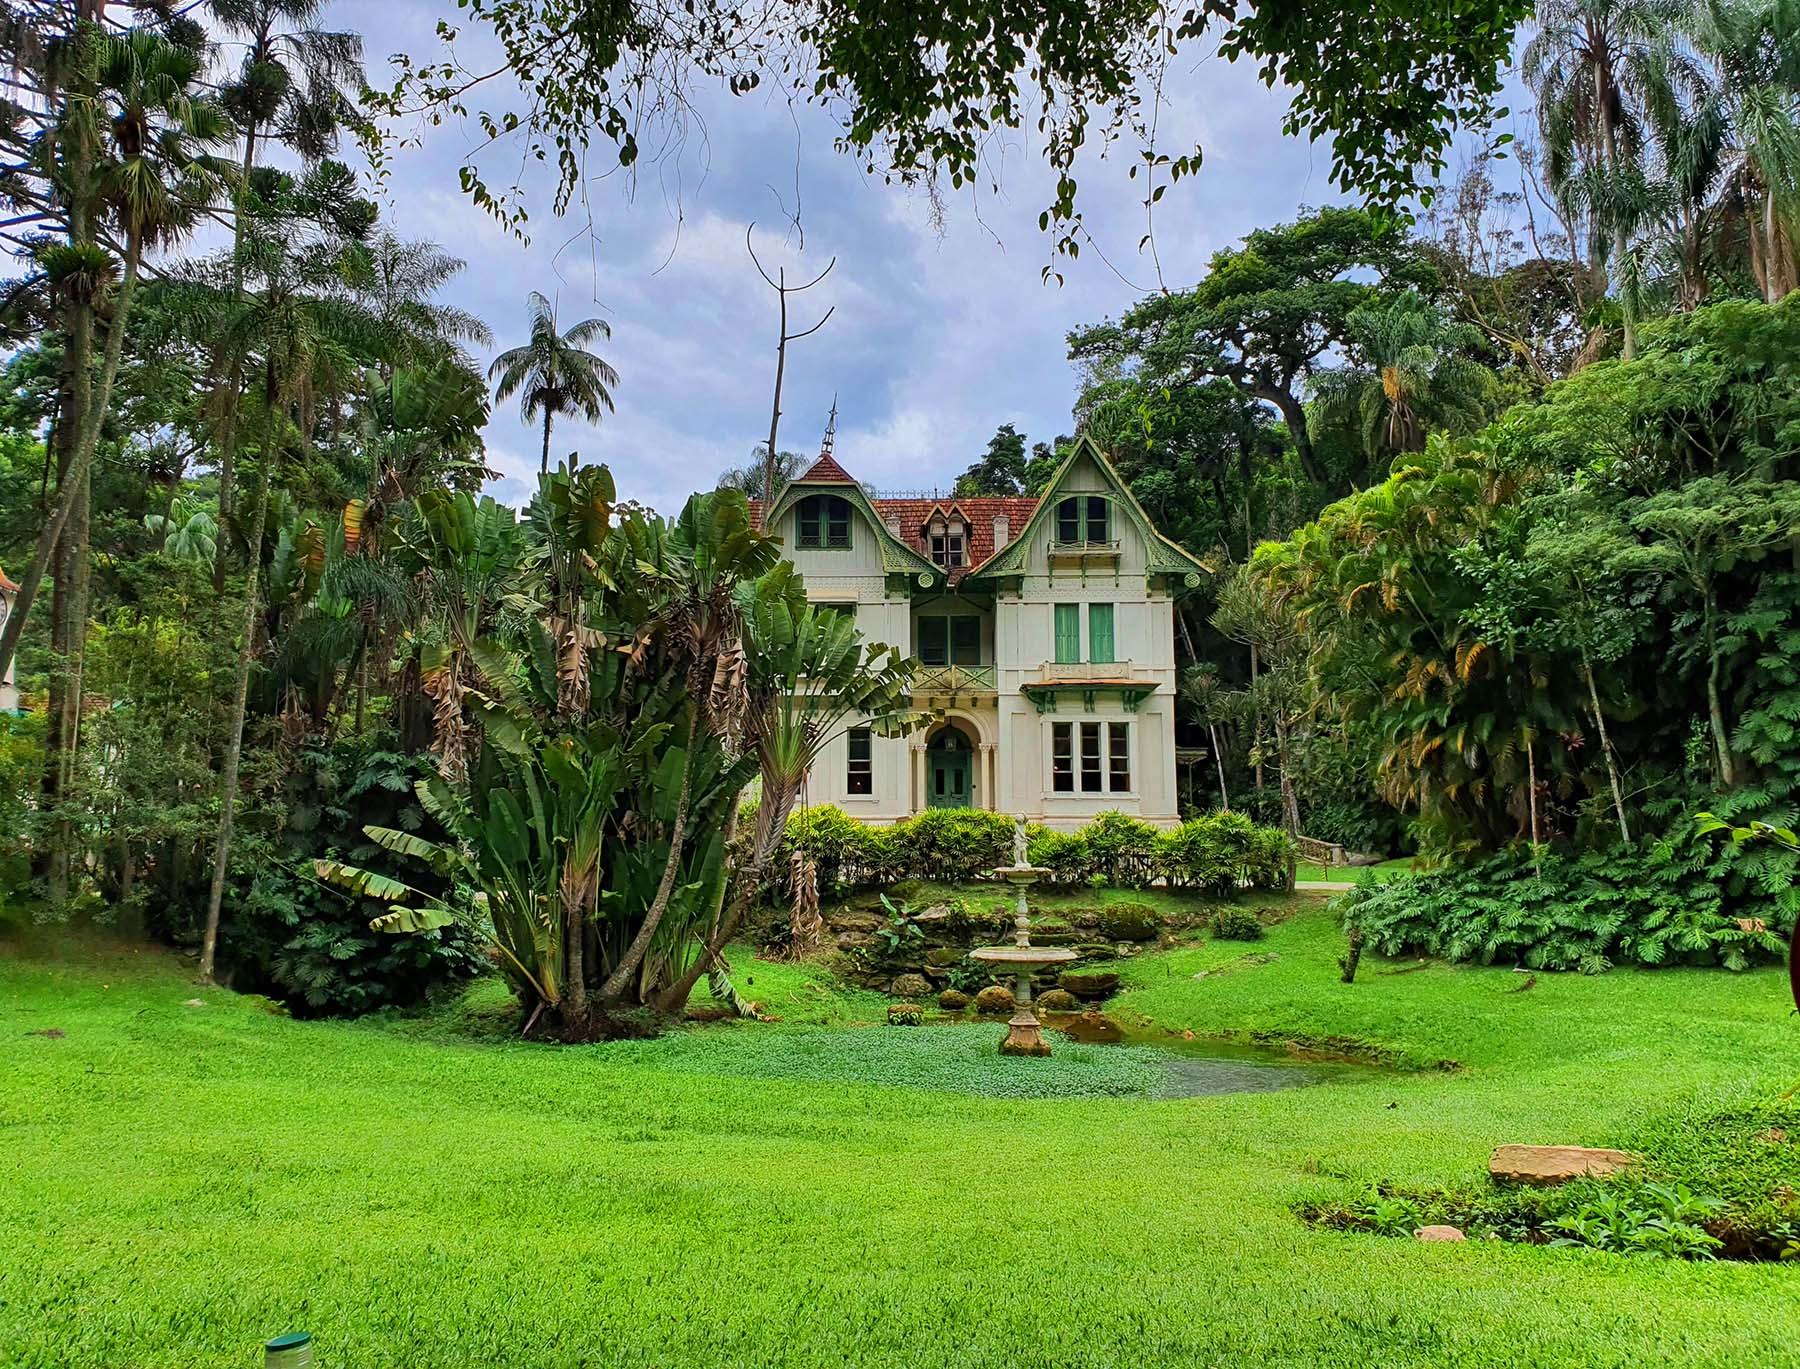 Casa da Ipiranga, Petrópolis,RJ.